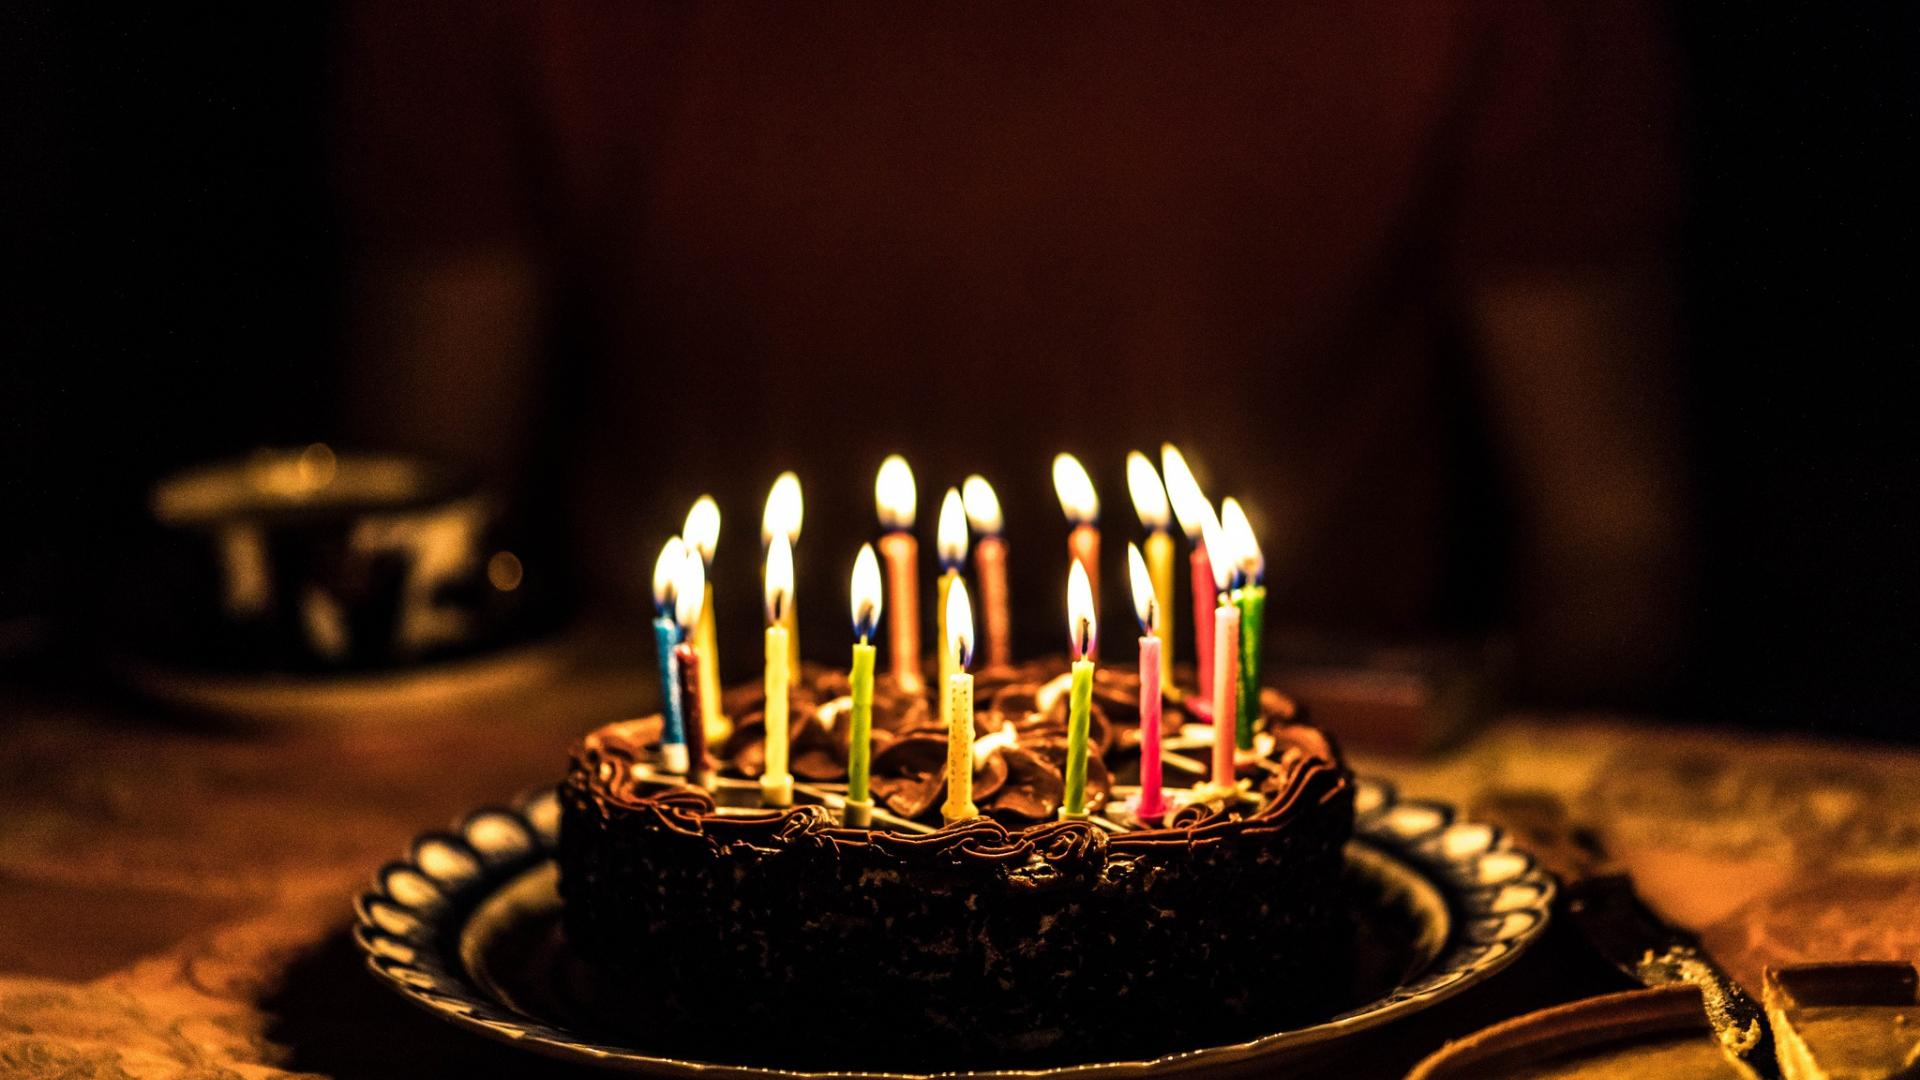 Восхищение, картинки с днем рождения 1920 на 1080